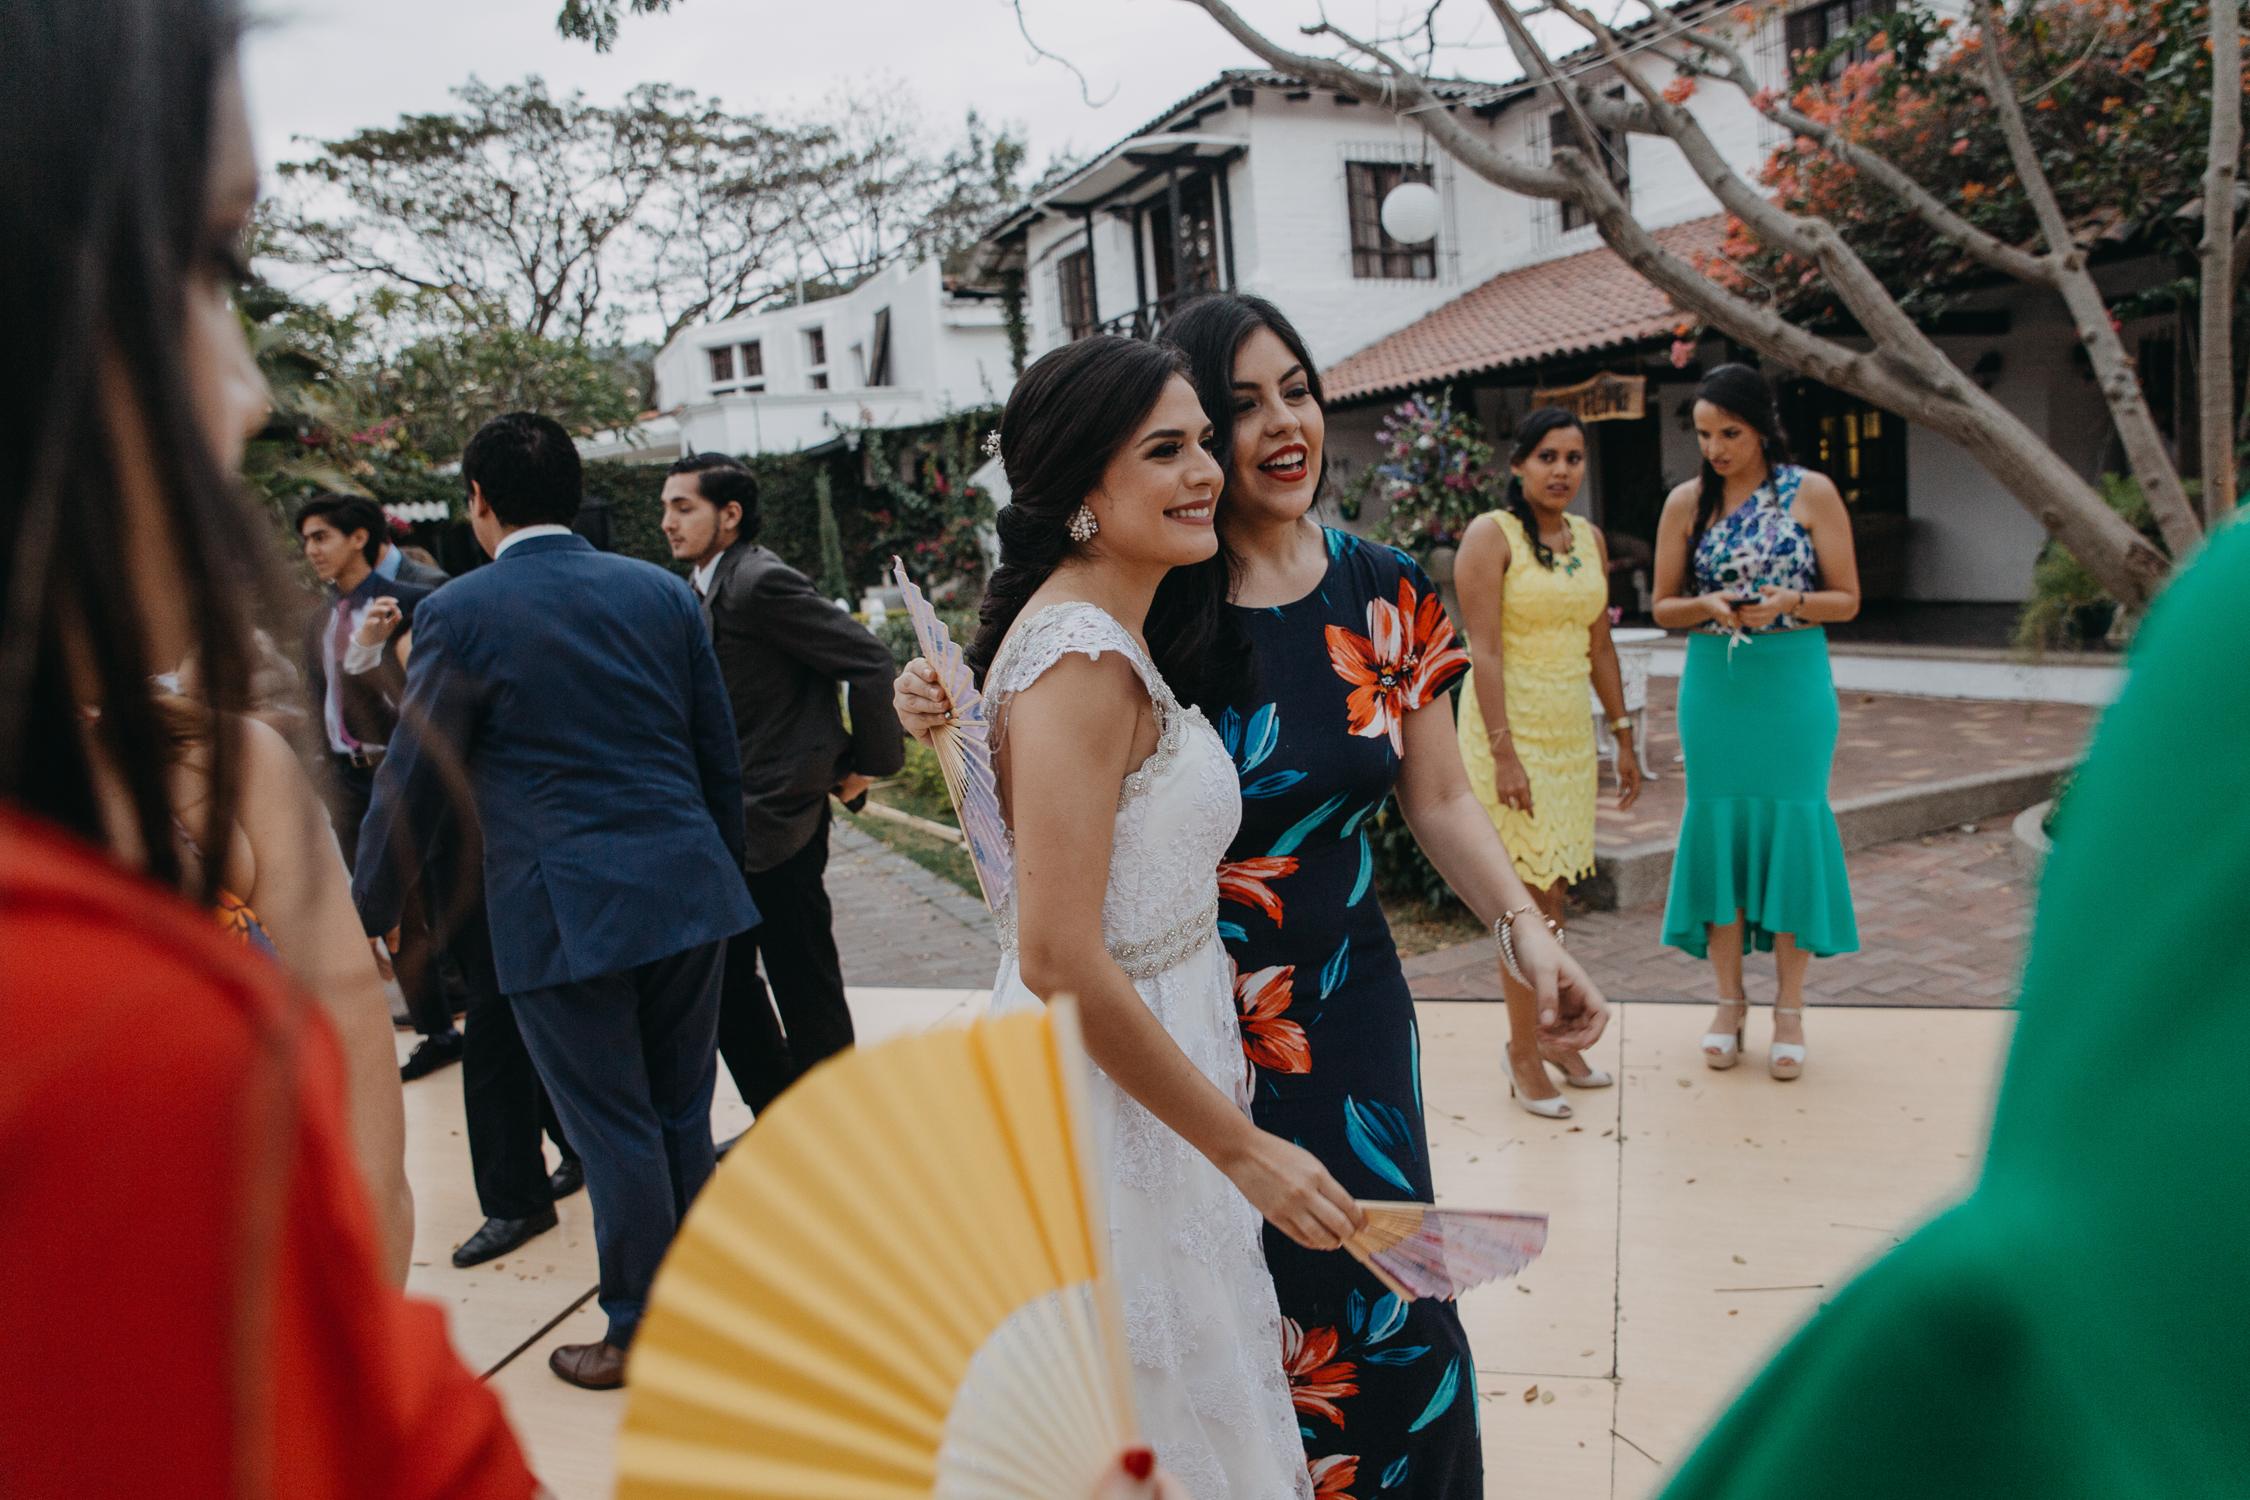 Michelle-Agurto-Fotografia-Bodas-Ecuador-Destination-Wedding-Photographer-Cristi-Luis-130.JPG